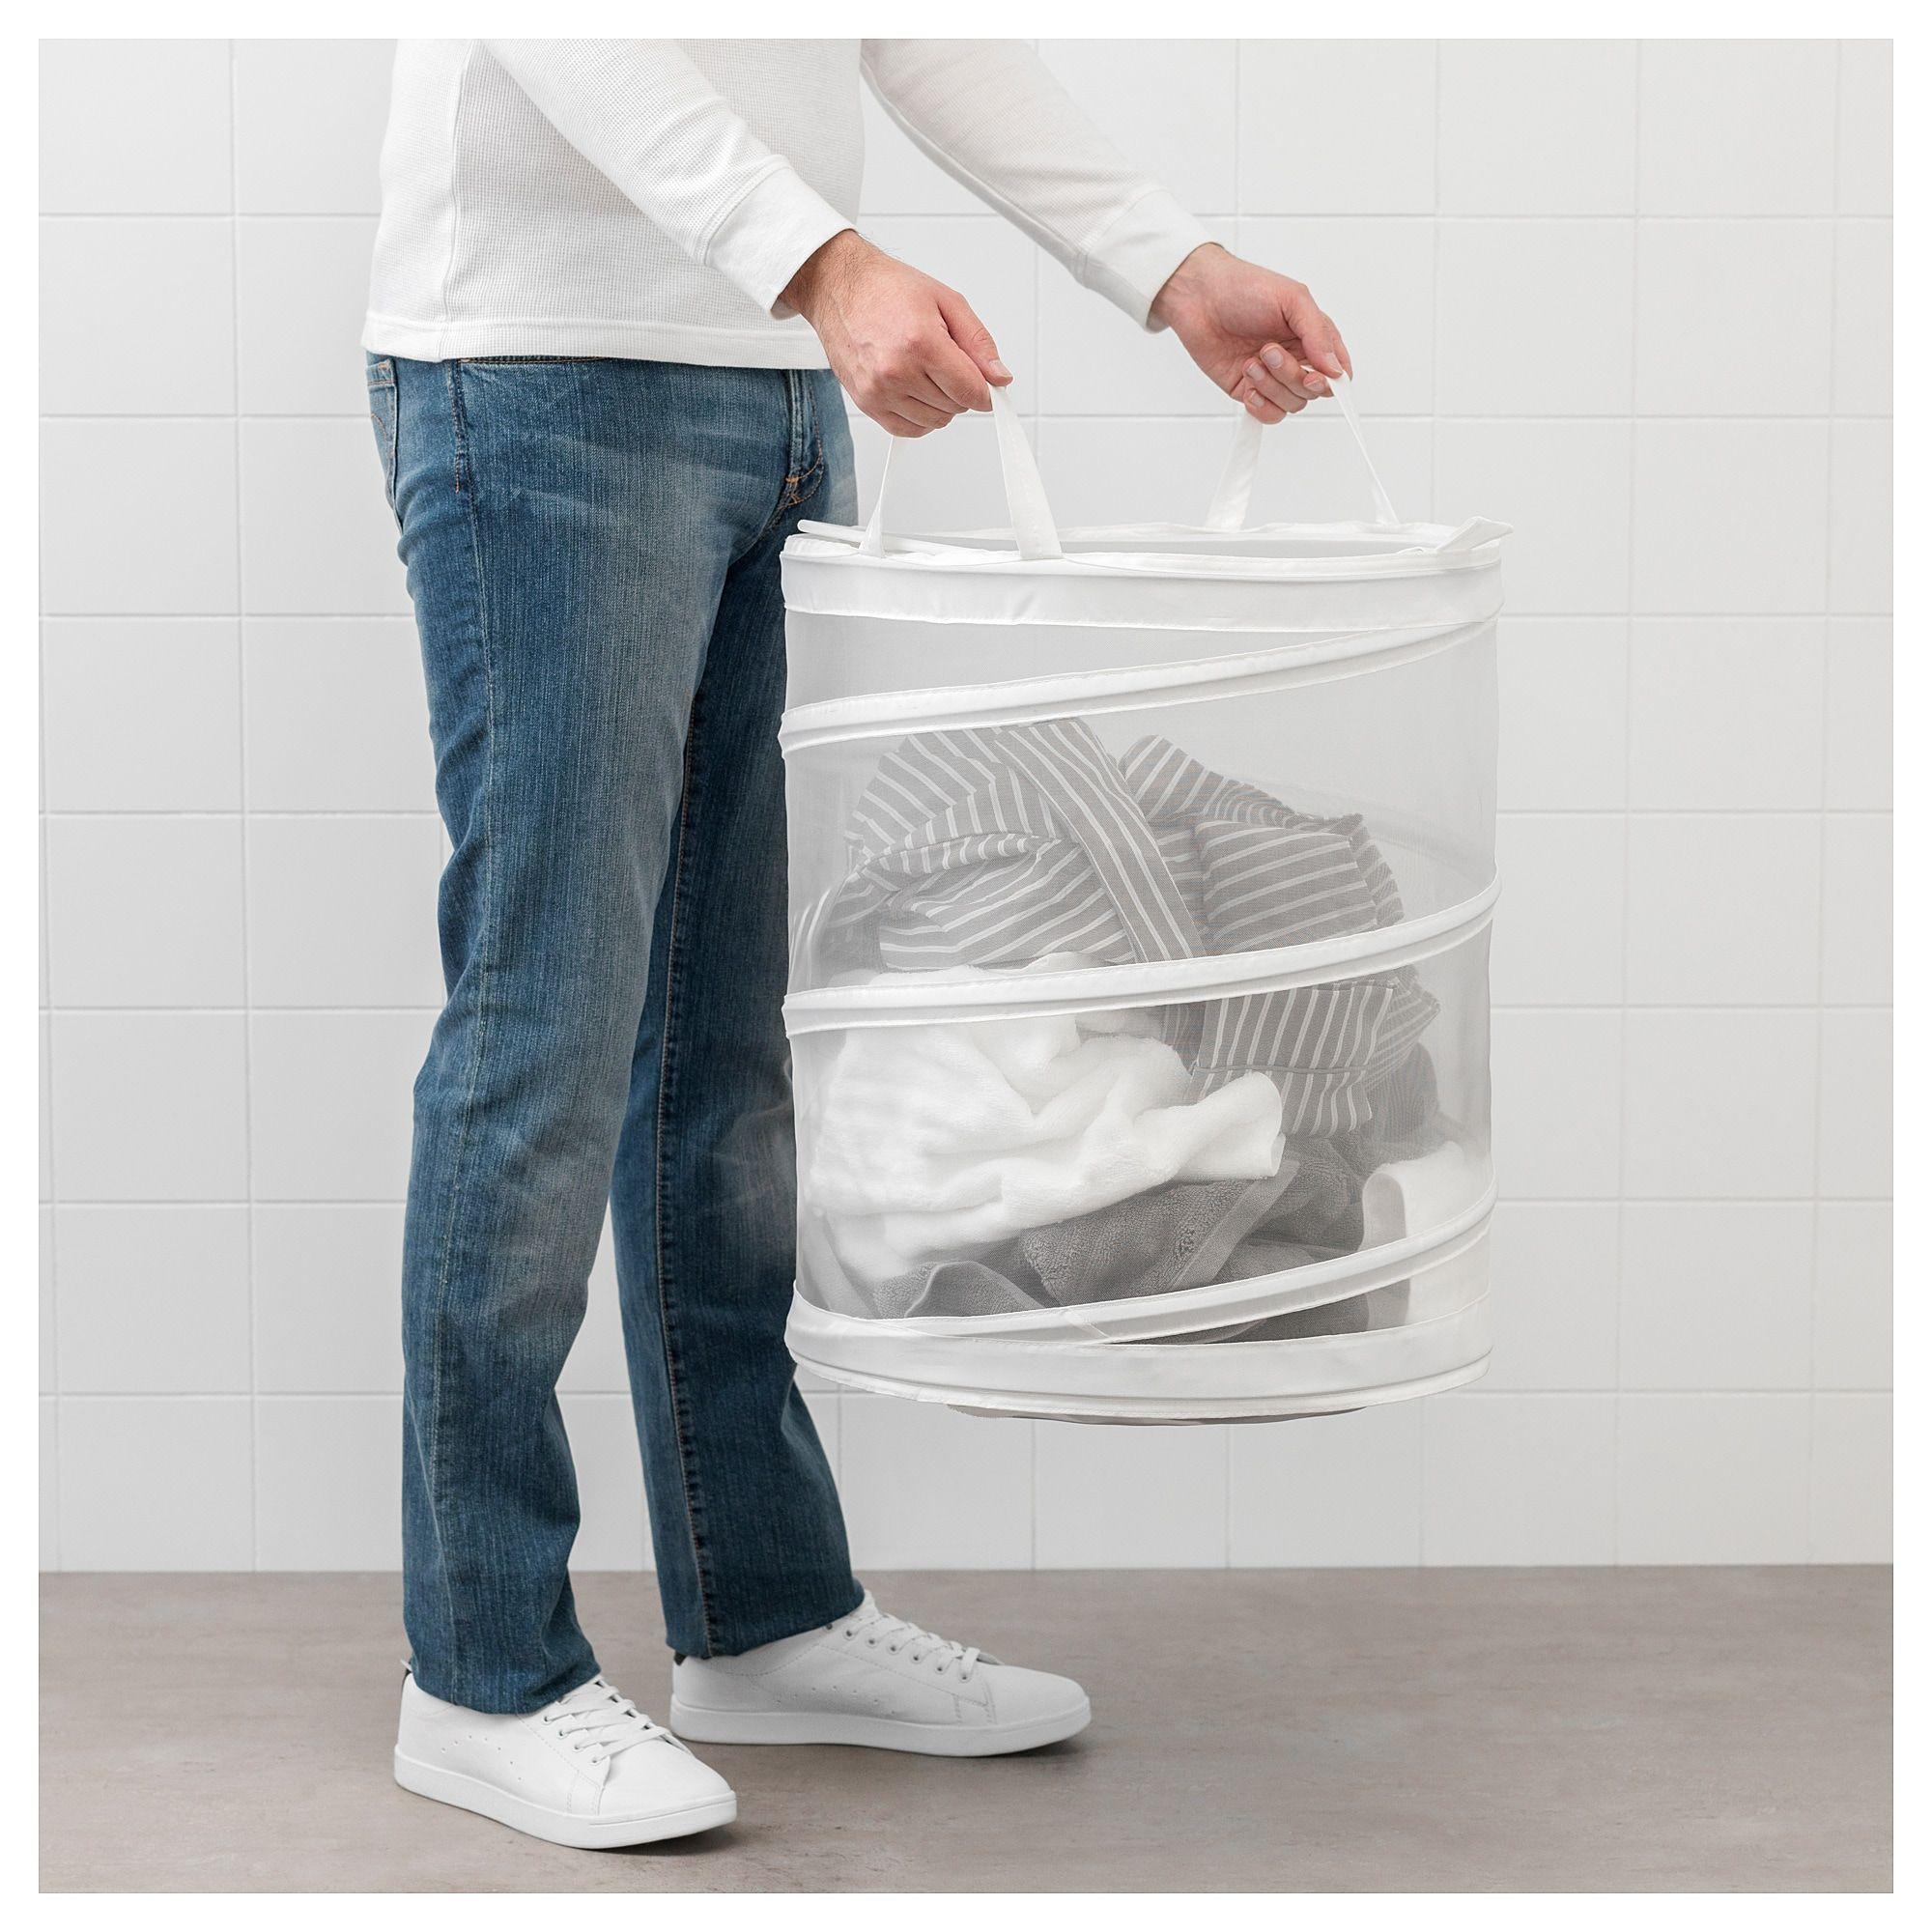 Ikea Fyllen Laundry Basket Laundry Basket White Laundry